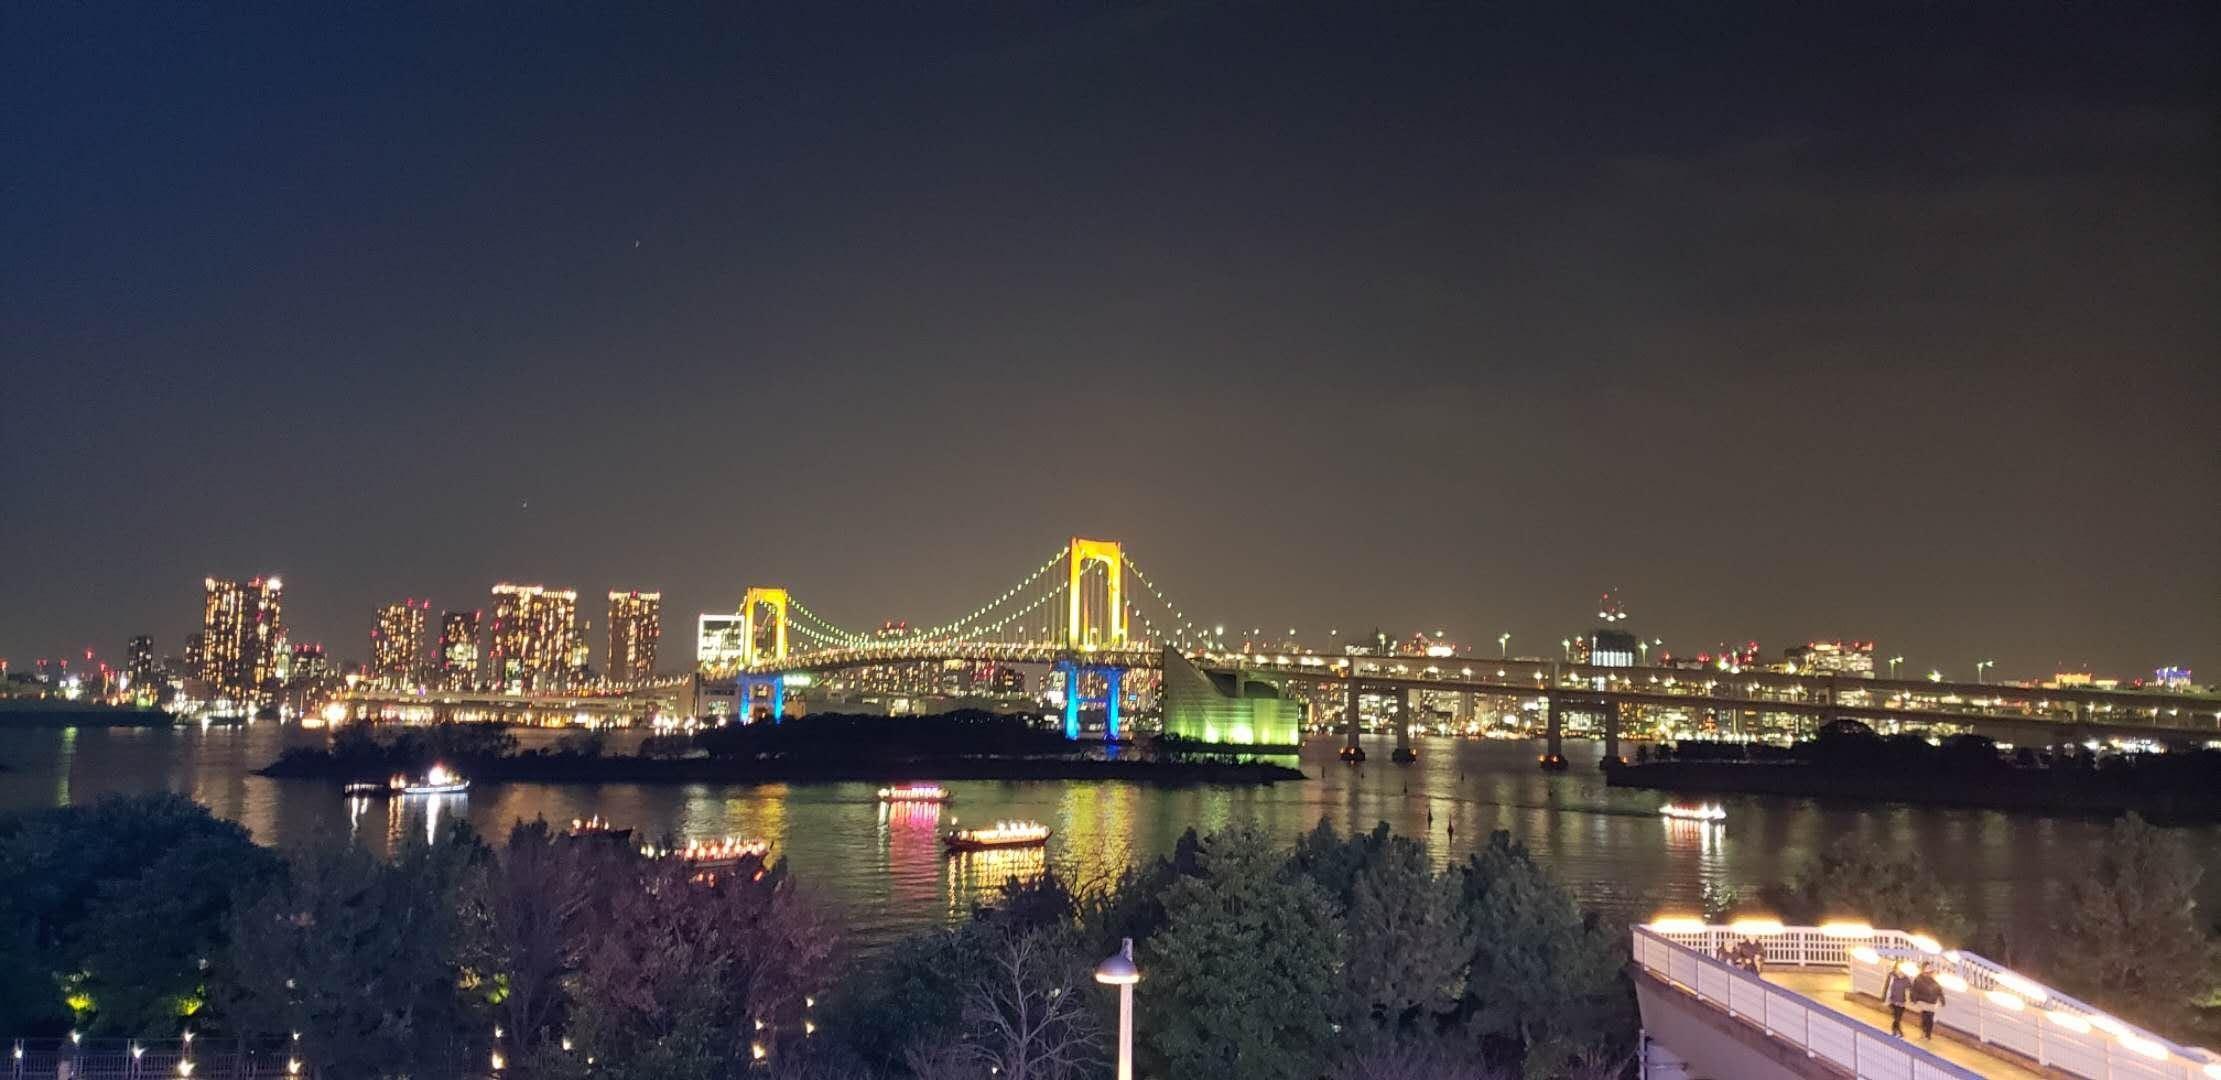 「昨日はお台場でしたぁー」04/01(04/01) 12:59 | めい☆芽衣の写メ・風俗動画